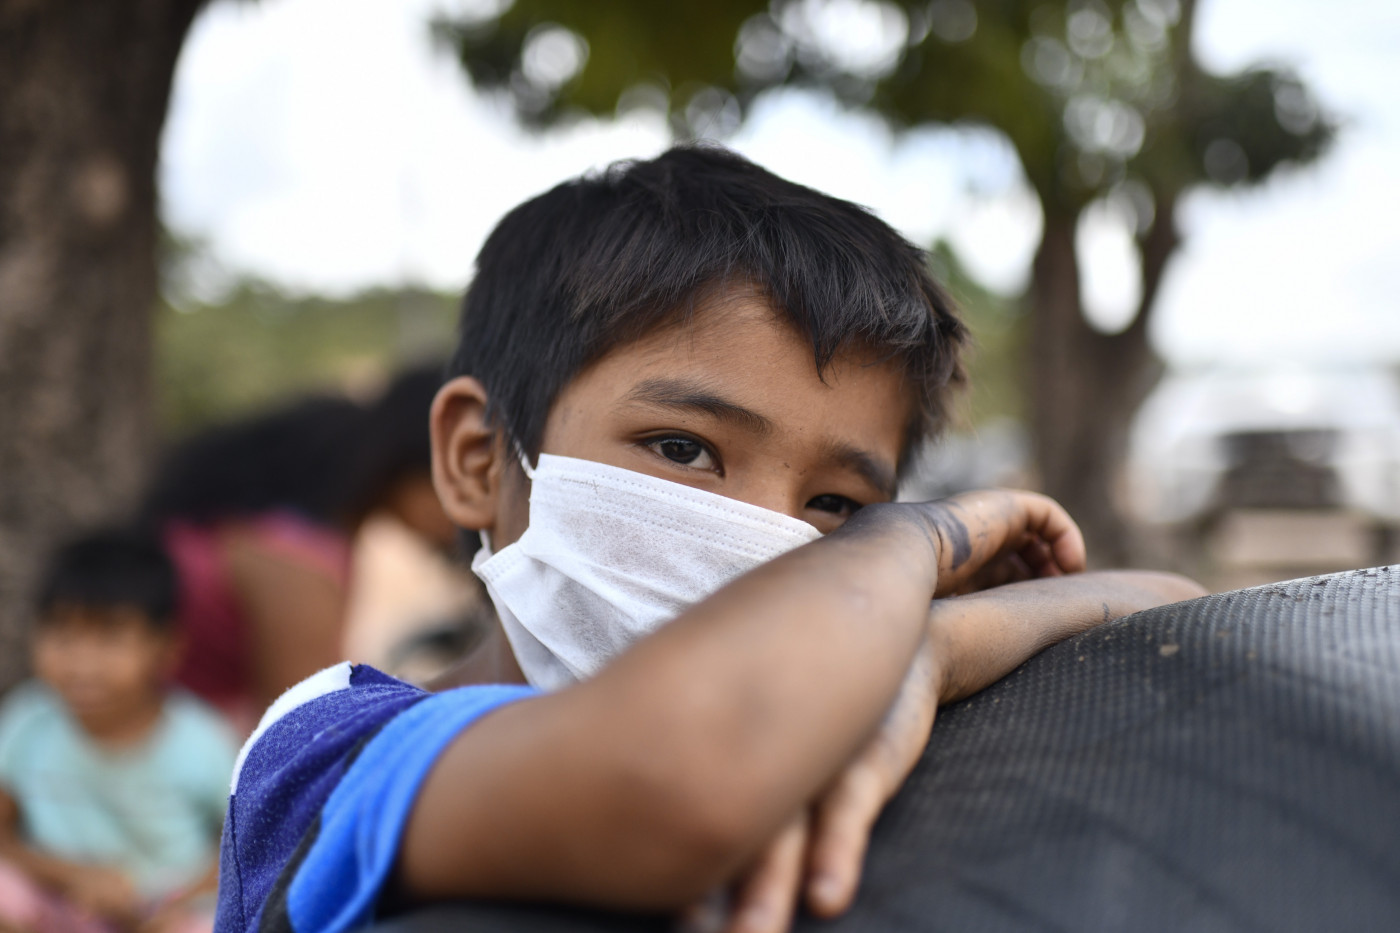 Garoto usa máscara para se proteger de infecção pelo novo coronavírus